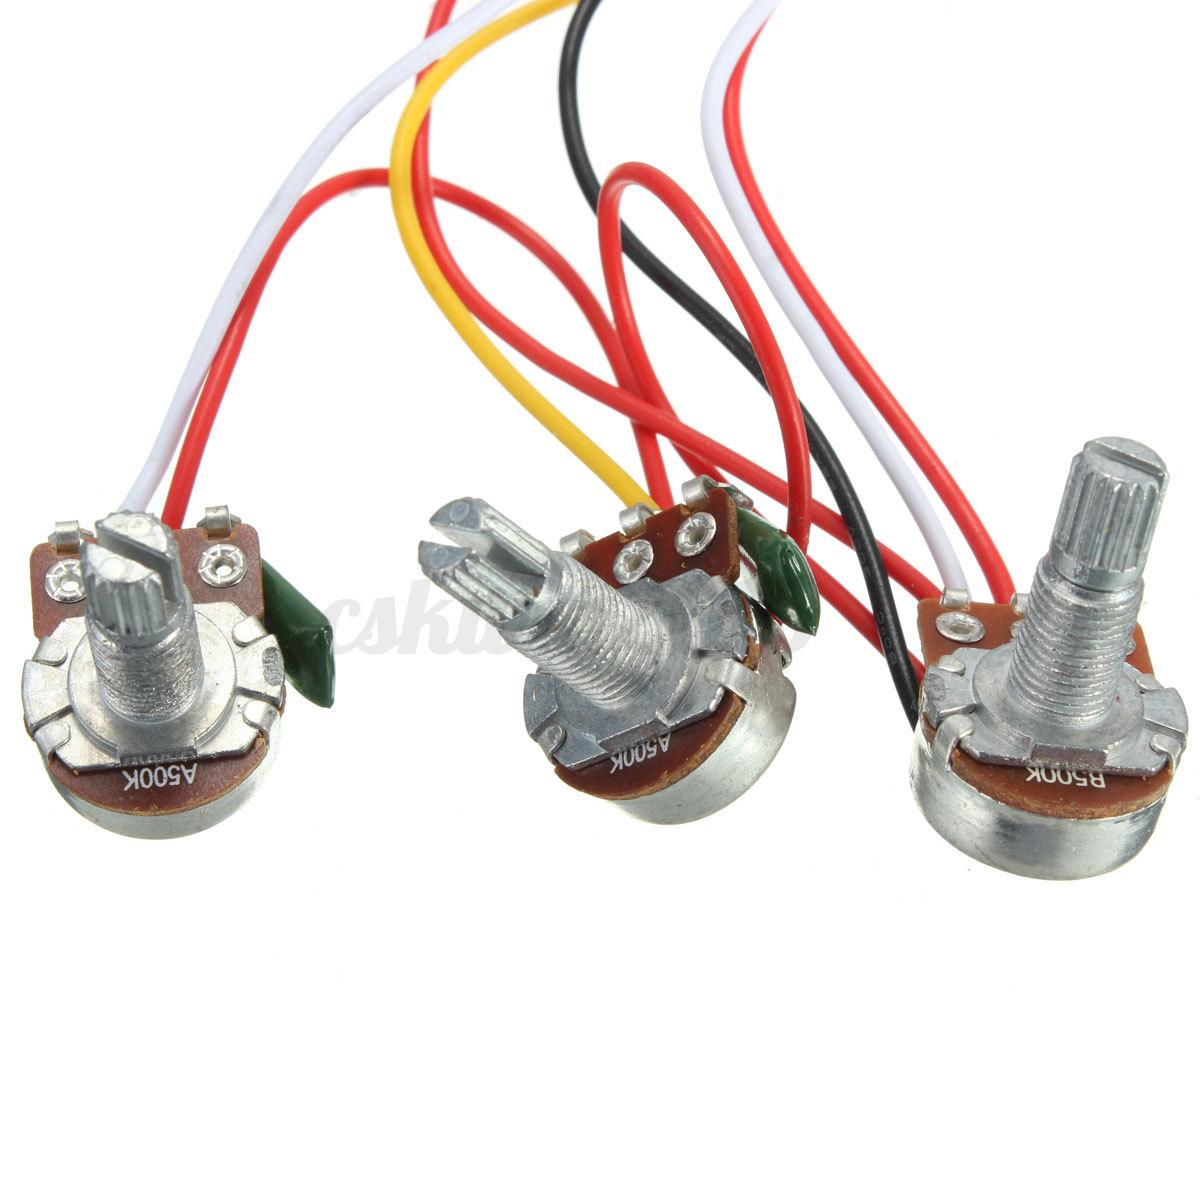 4 way tele wiring diagram  4  get free image about wiring